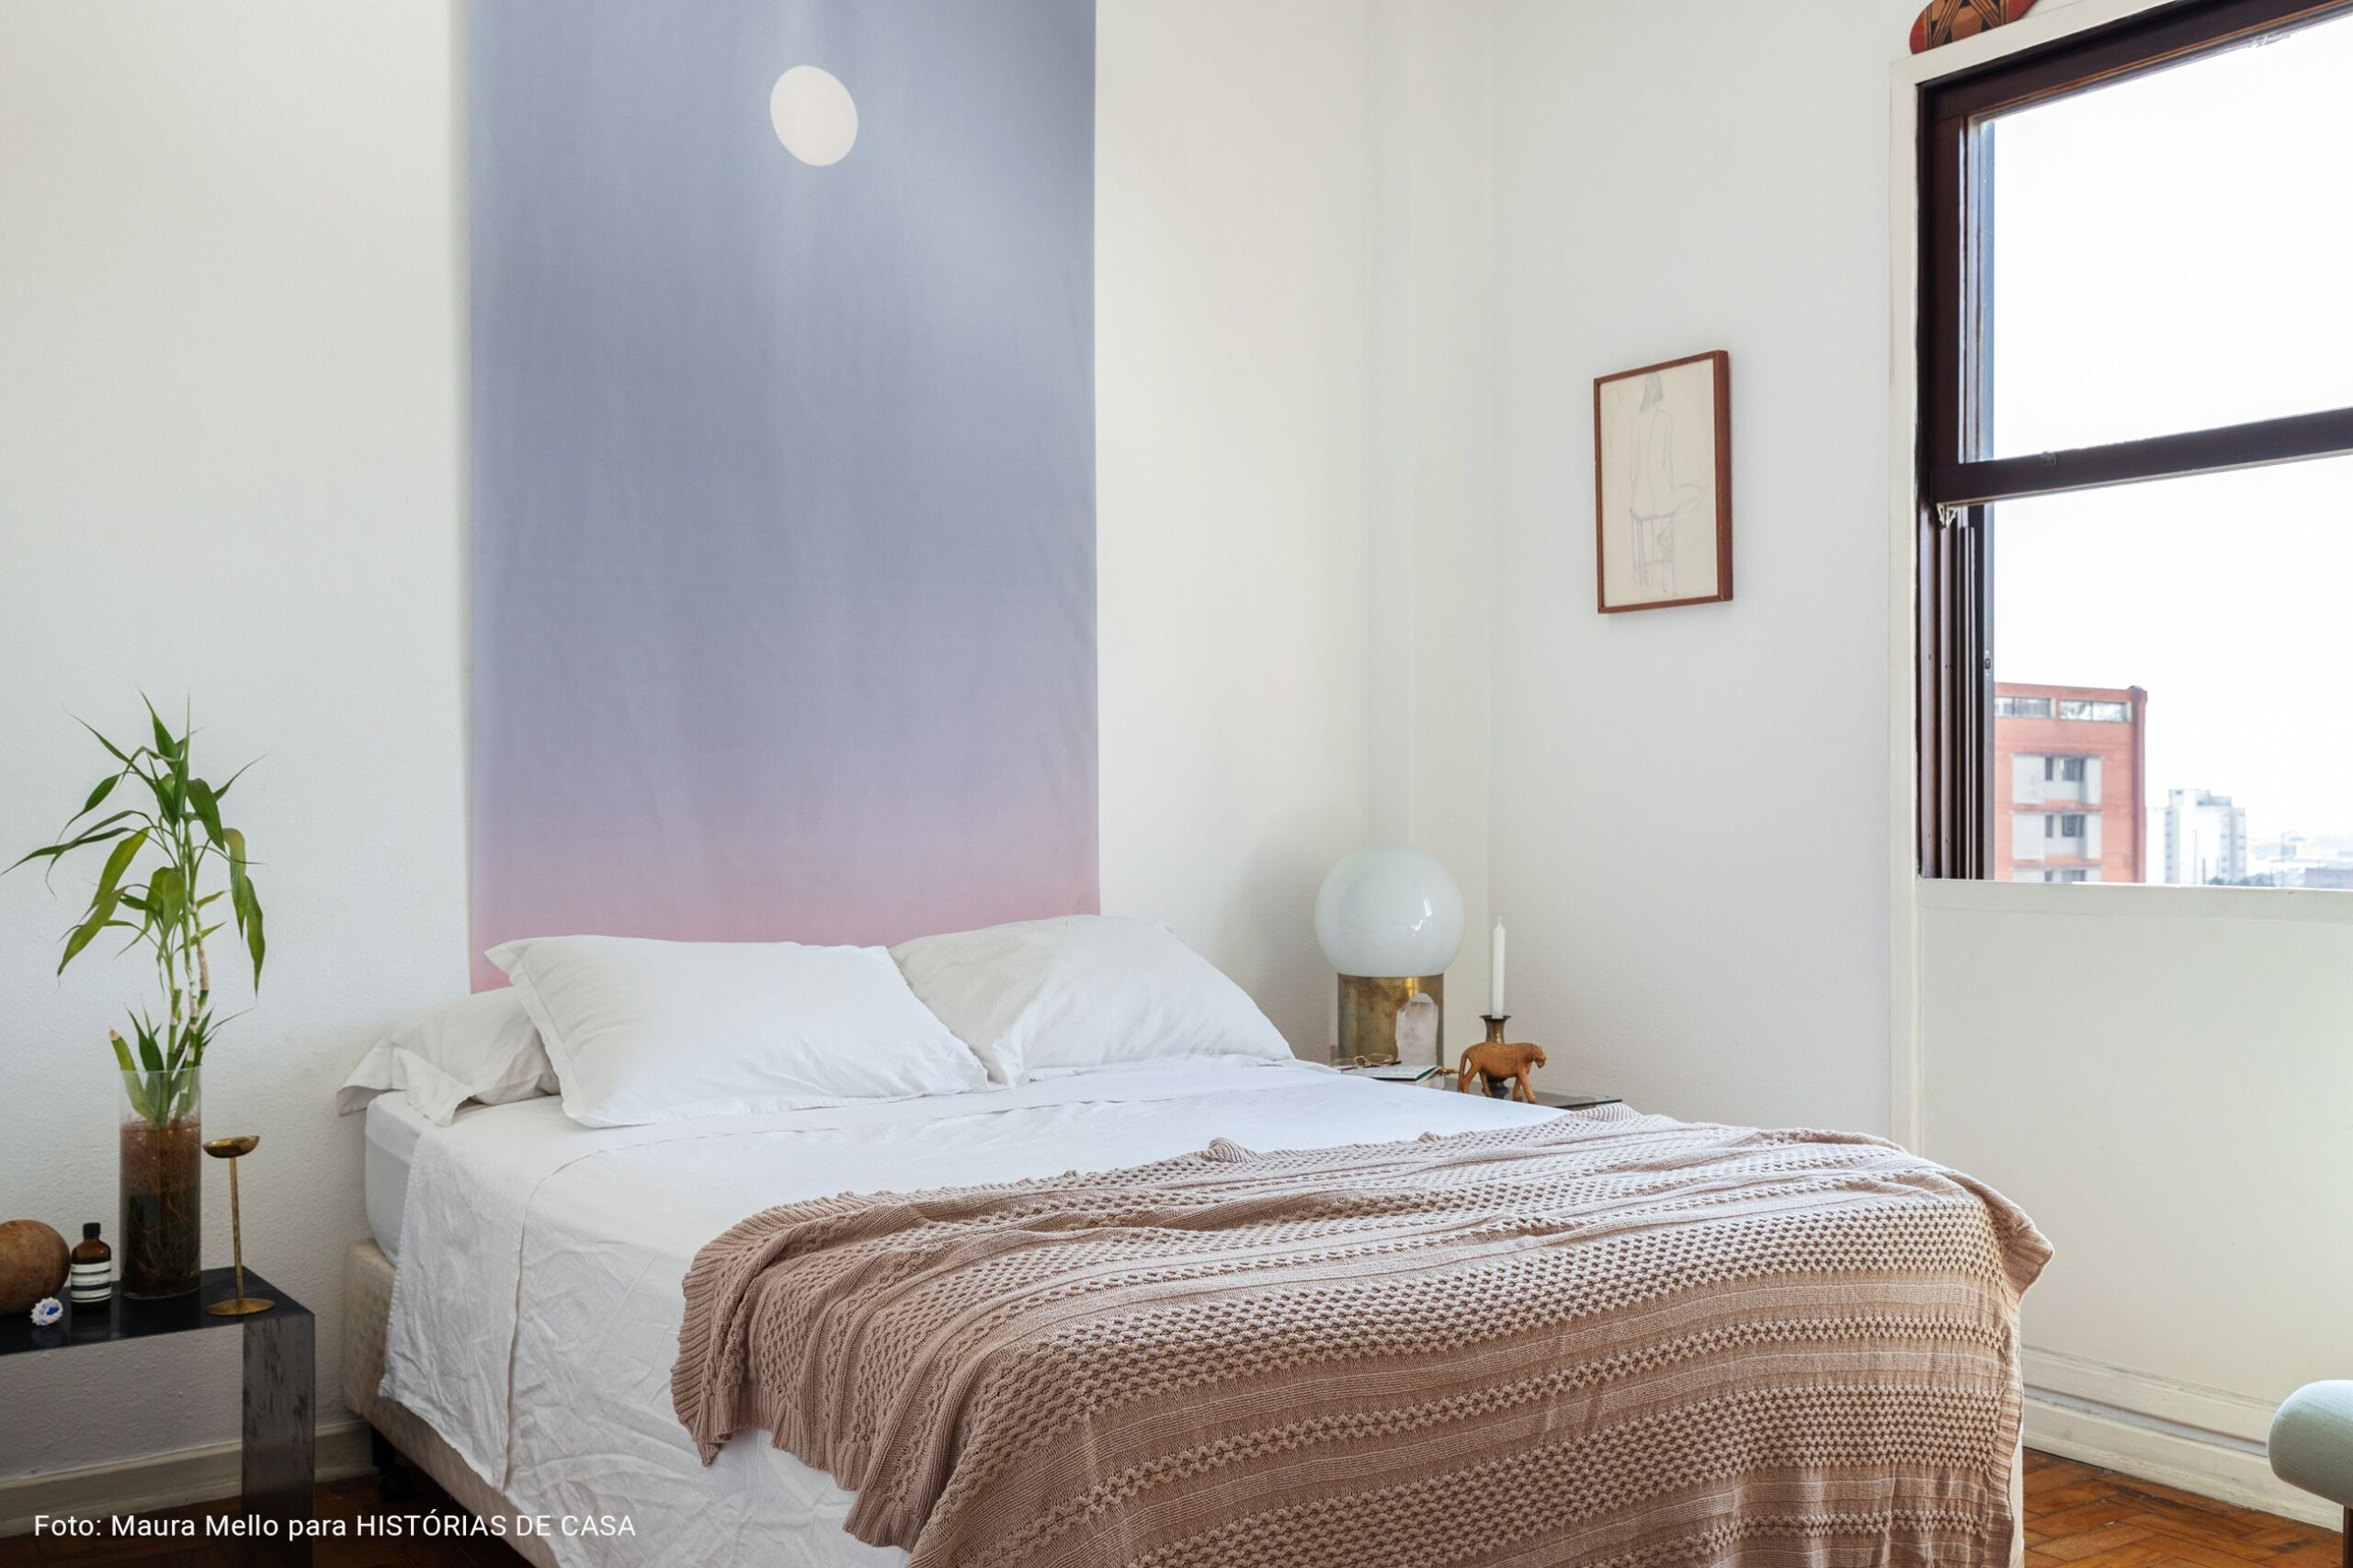 Apartamento antigo com piso branco e peças de design do Estúdio Orth